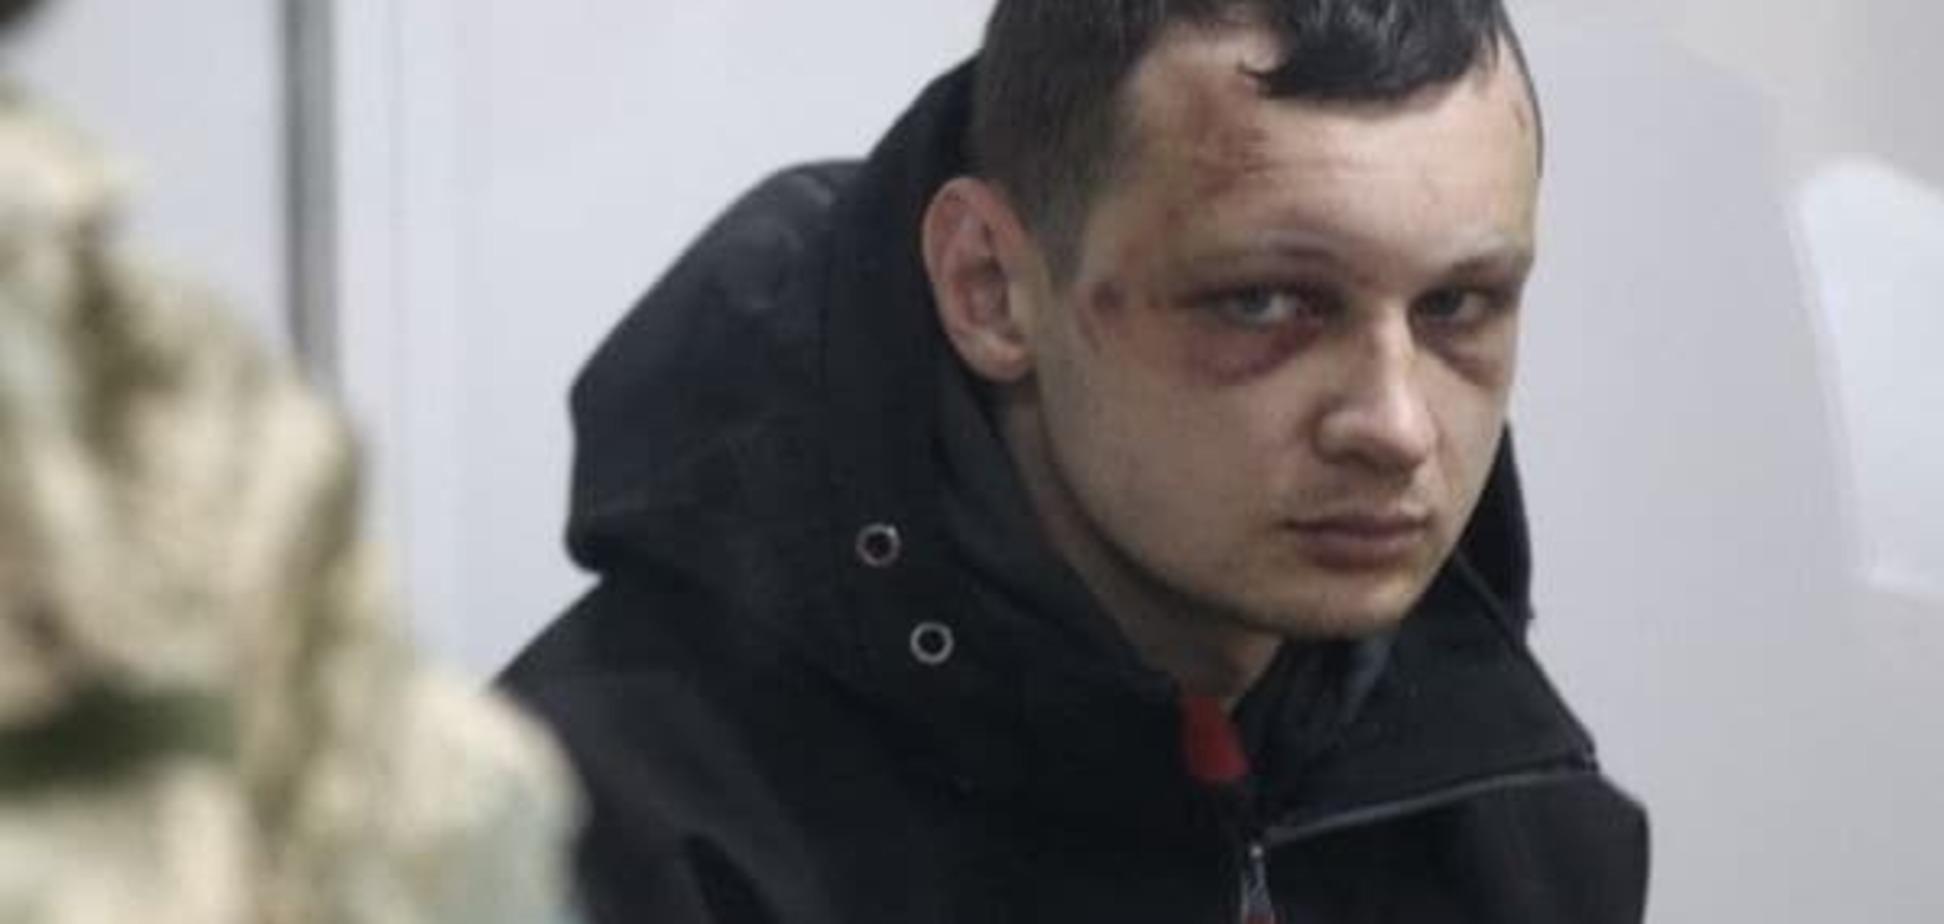 Посилена охорона: виїхати із суду Краснову допомагали близько 60 правоохоронців